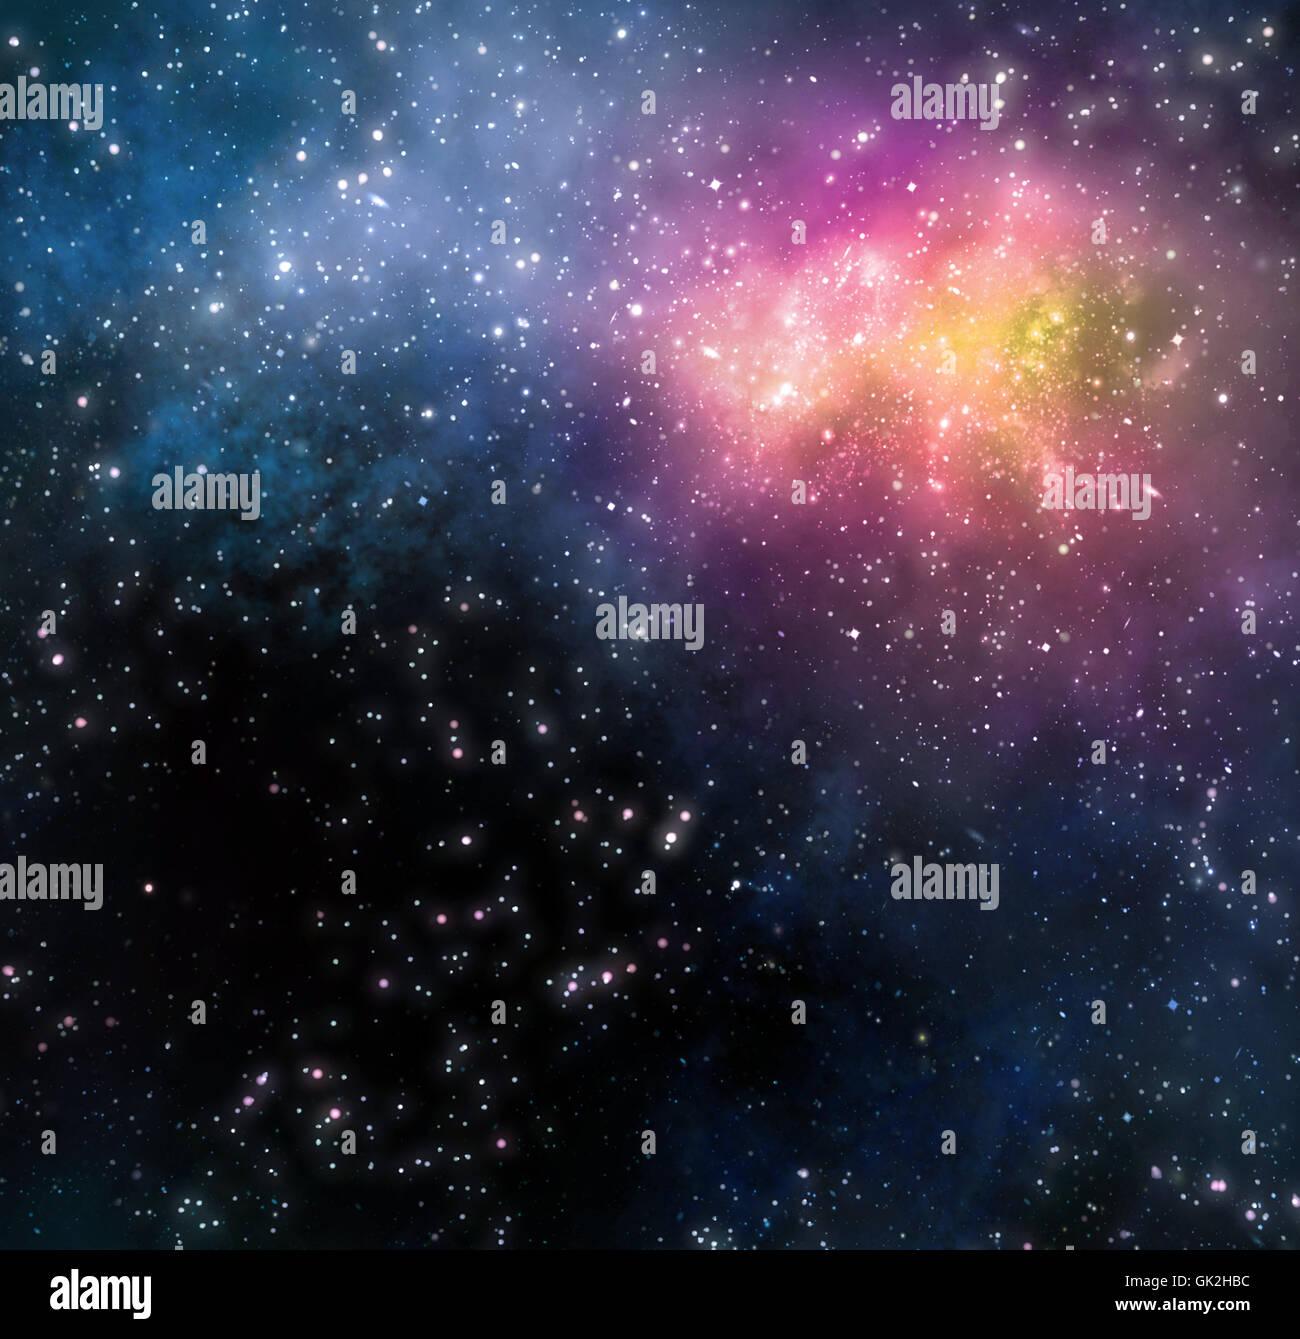 Spazio profondo stelle Immagini Stock